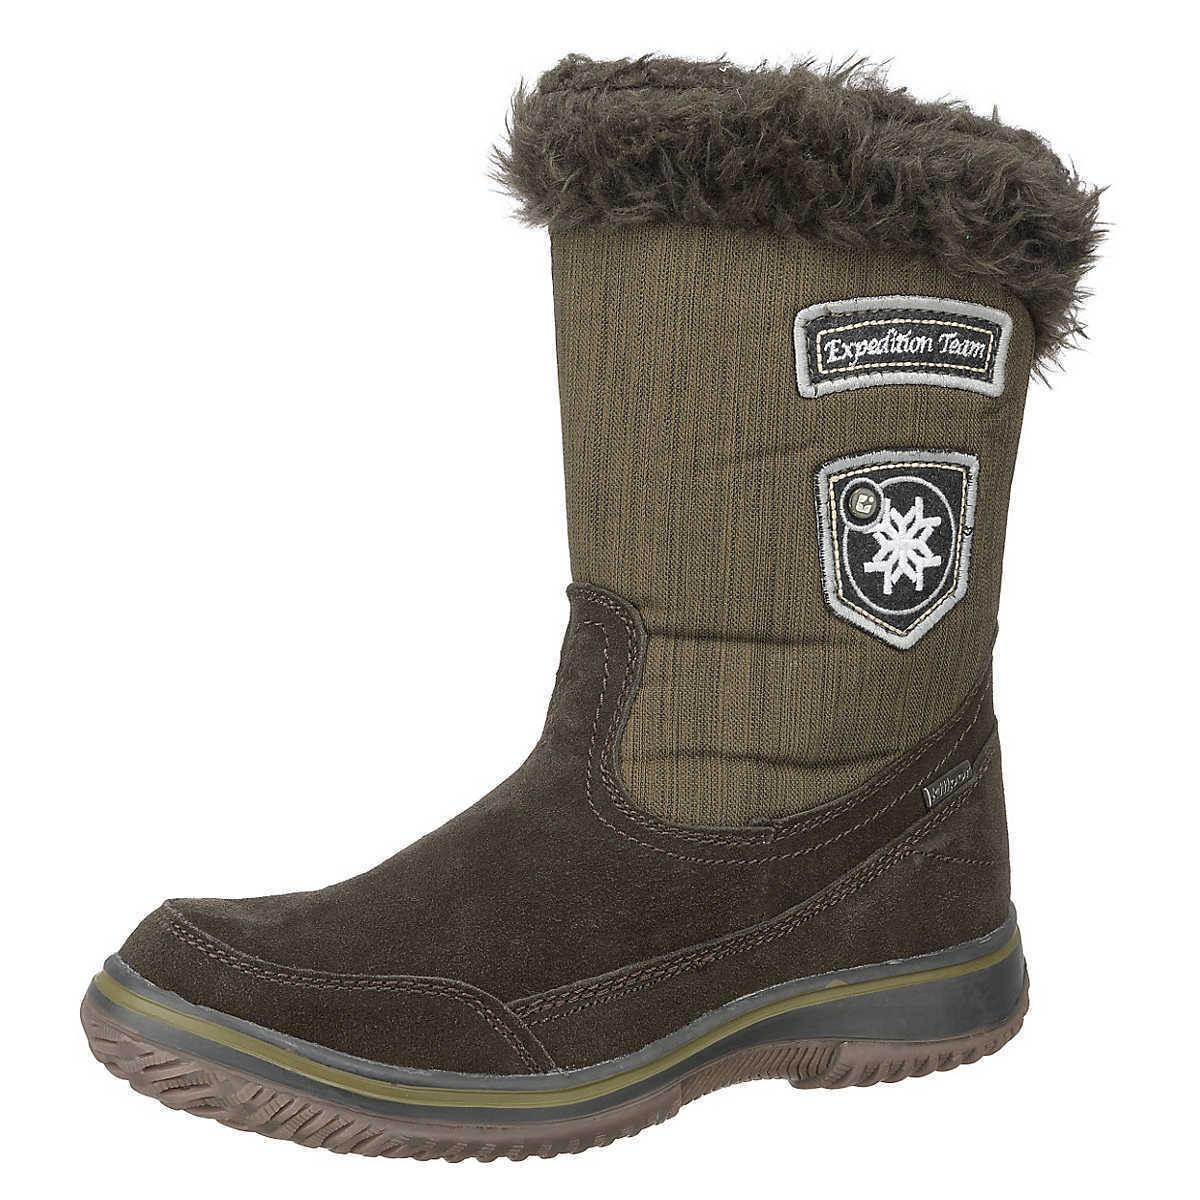 Killtec Chana melange zapatos señora botas de invierno botas, Boots, marrón,! nuevo!